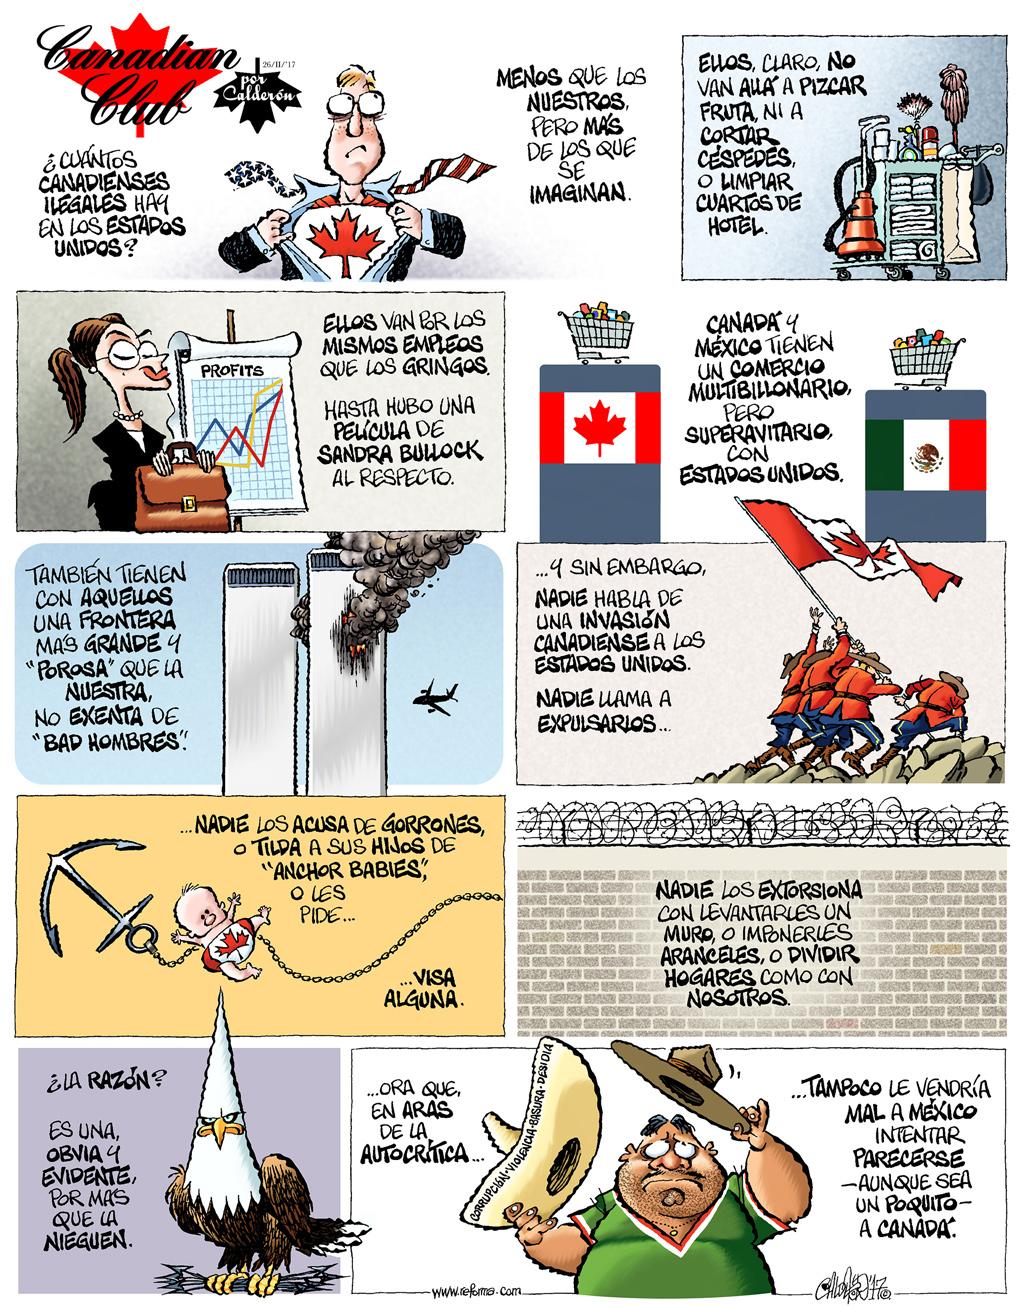 Canadian Club - Calderón